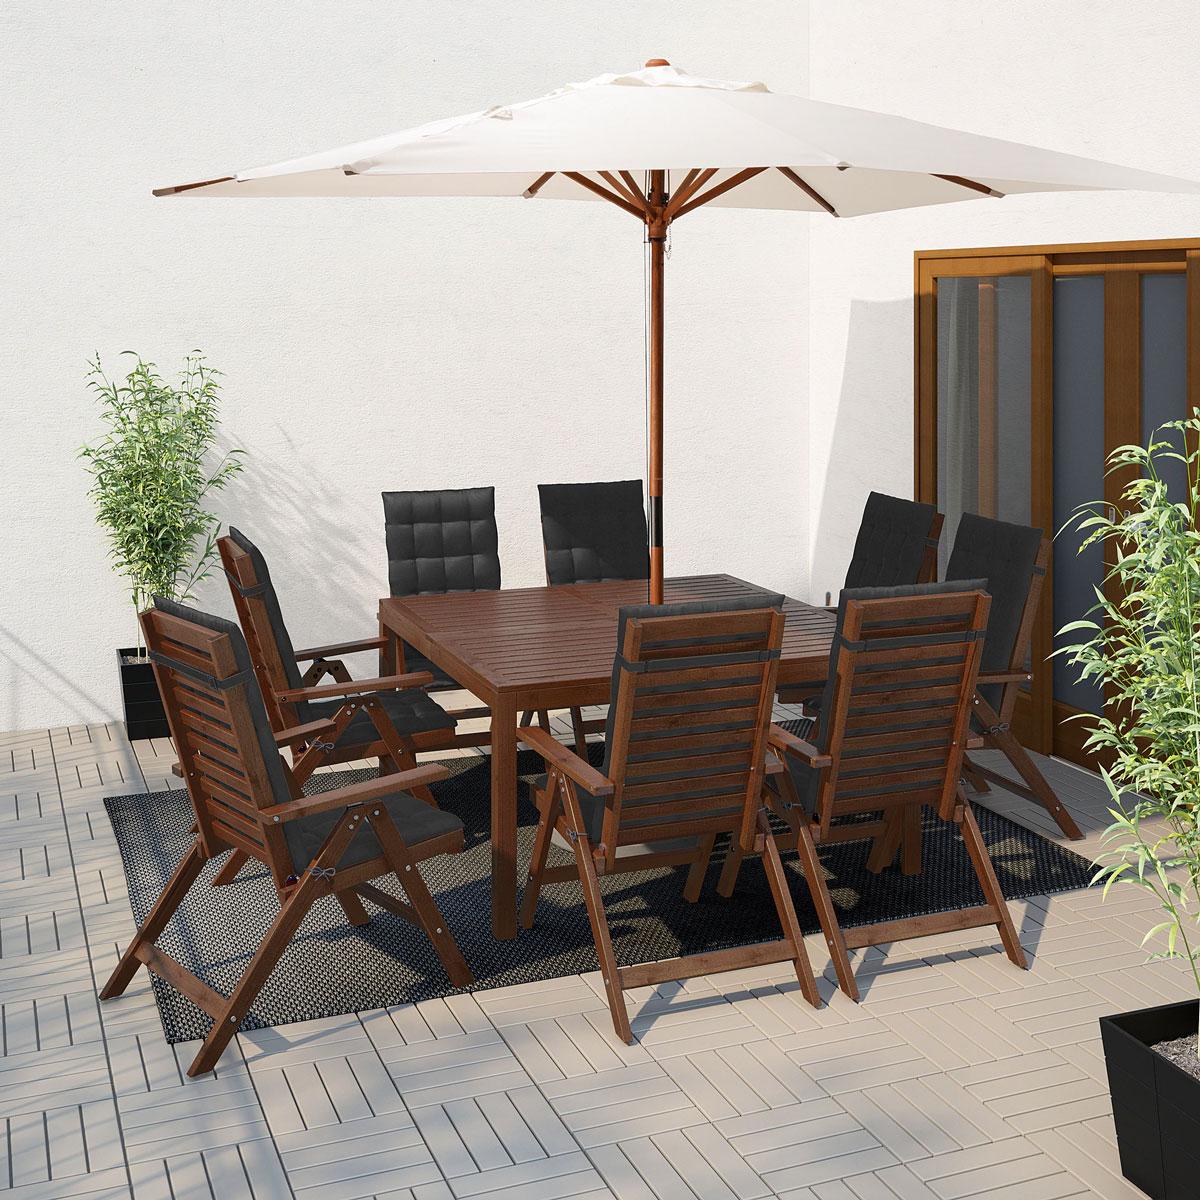 Arredo giardino ikea 2020, tavolo con sedie ÄPPLARÖ.